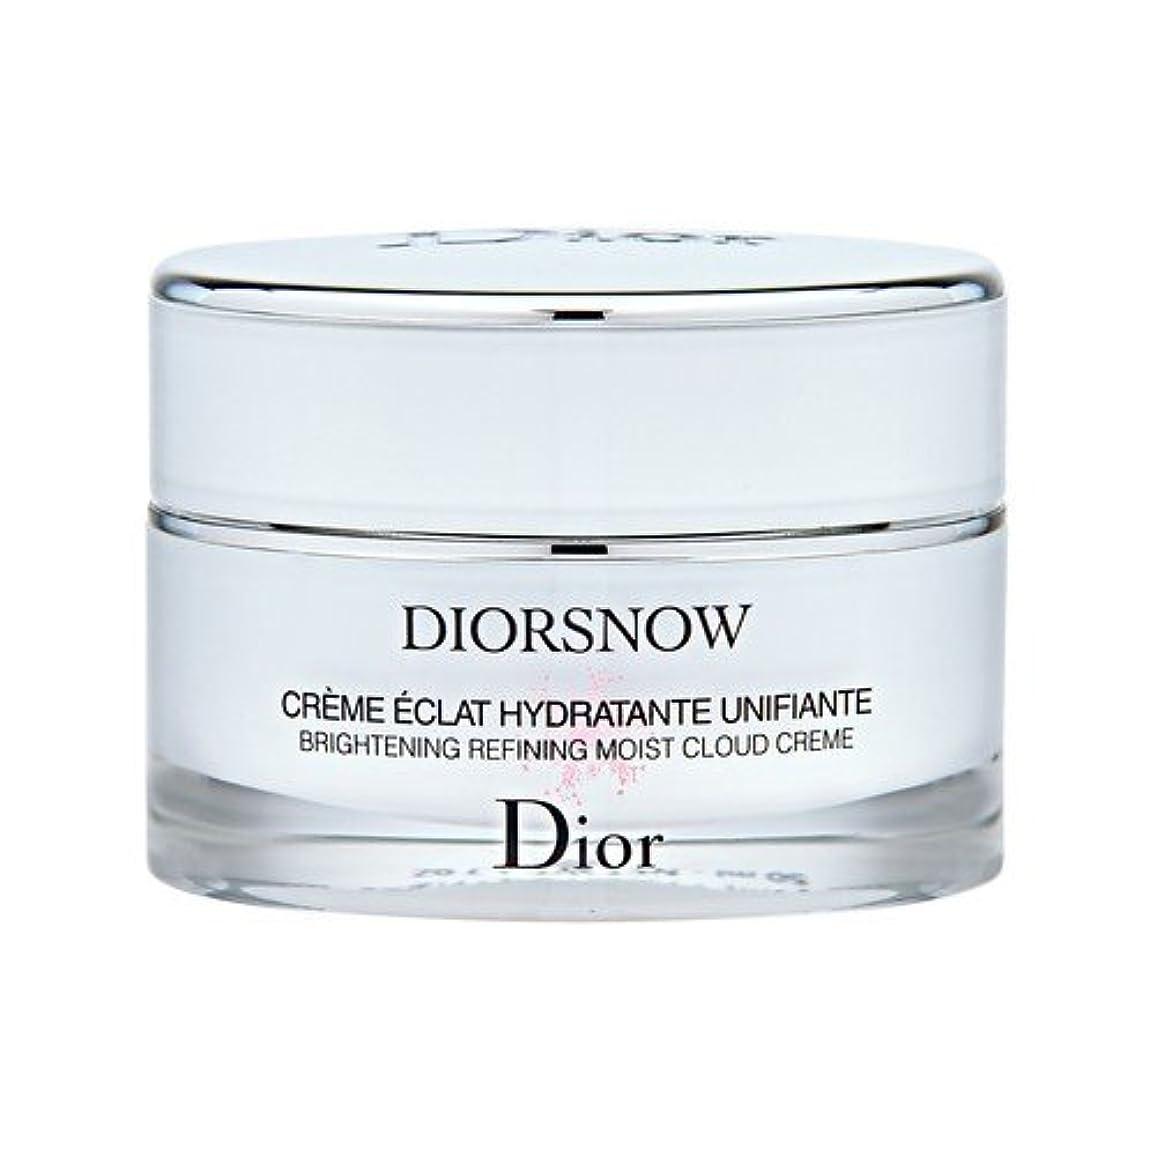 不利蒸発する頻繁にクリスチャン ディオール(Christian Dior) スノー ブライトニング モイスト クリーム 50ml[並行輸入品]